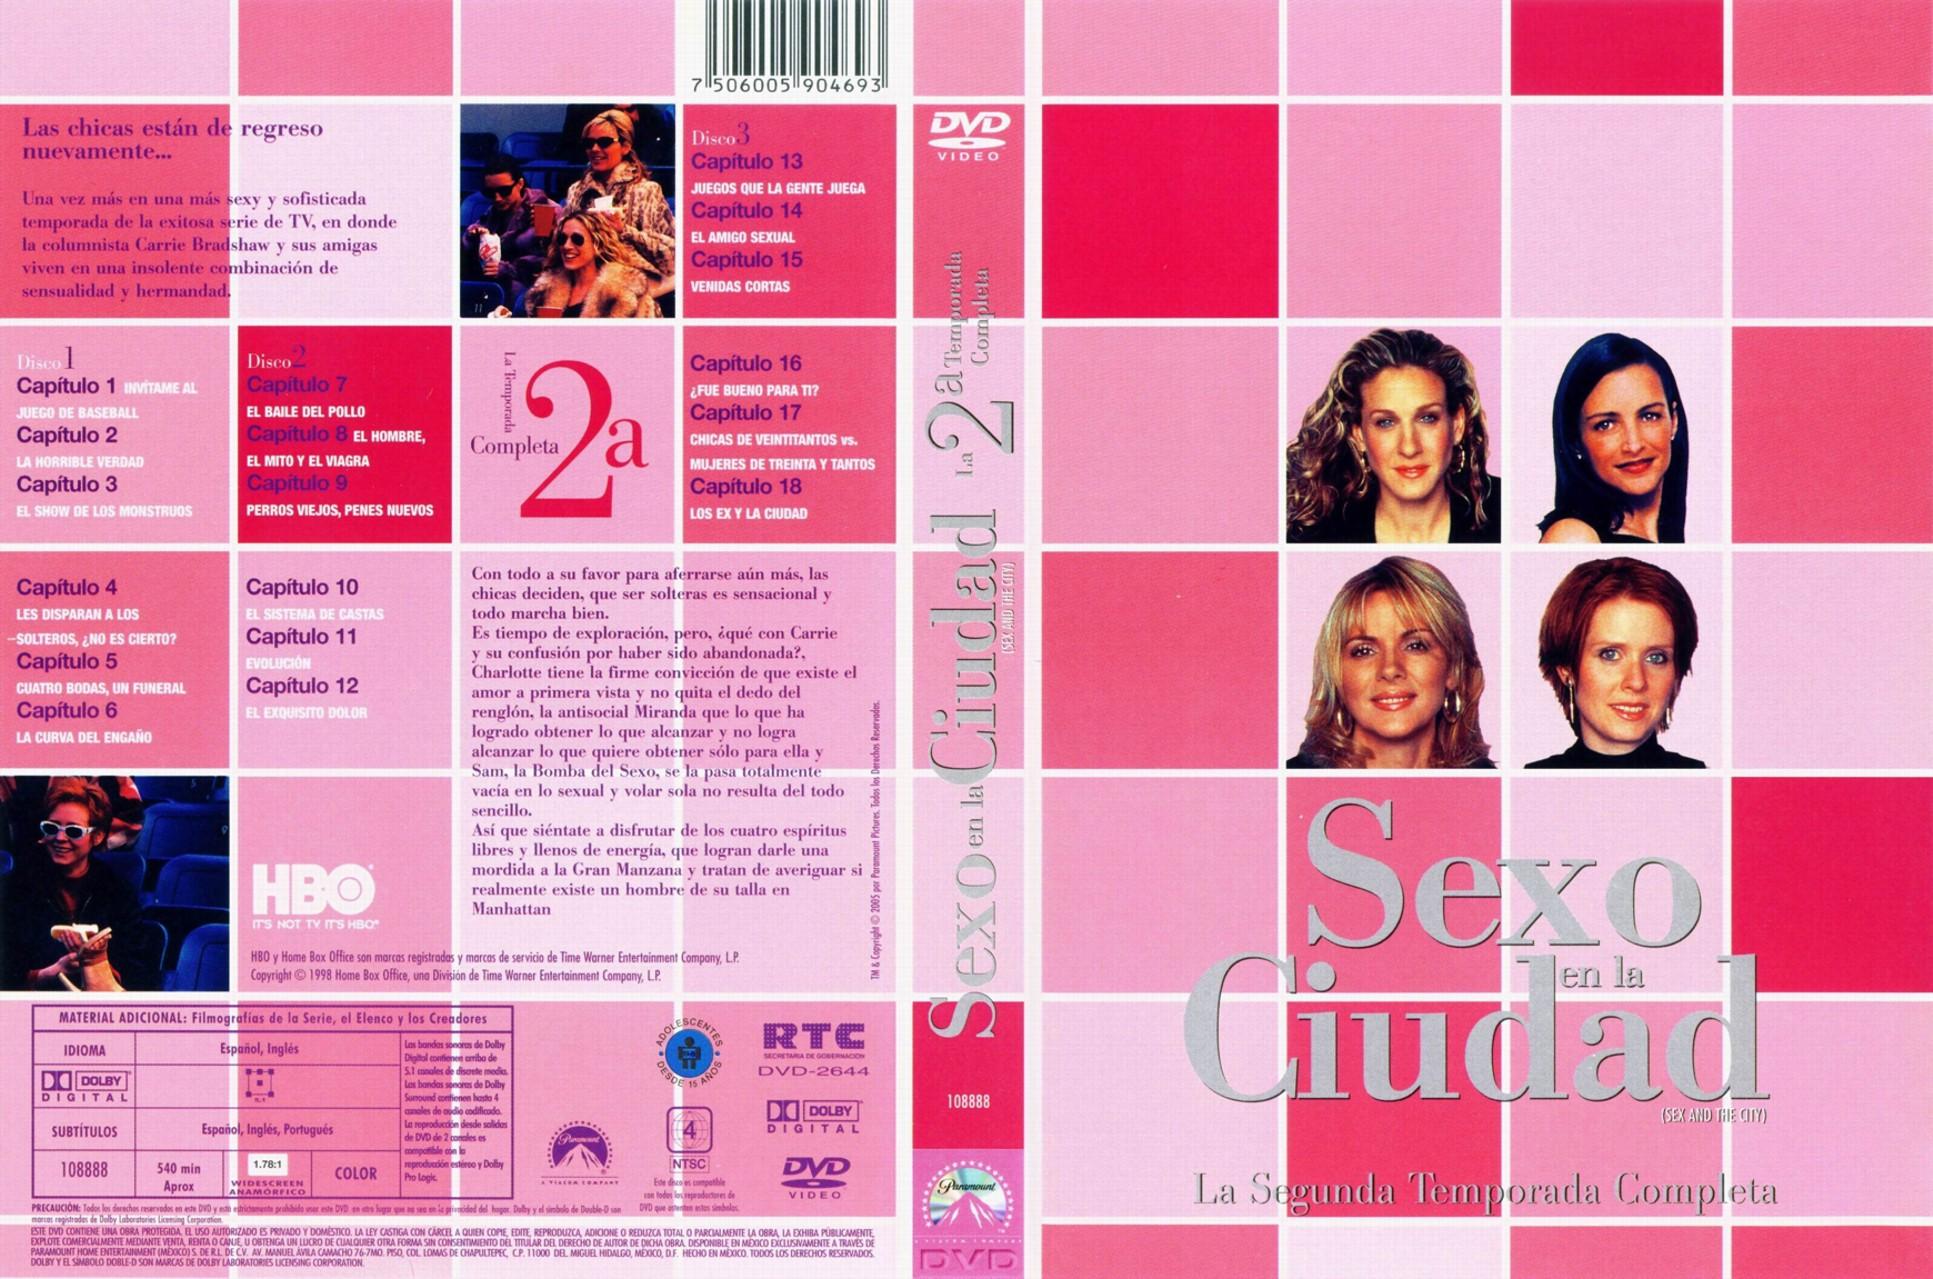 Sexo y la ciudad cuarta temporada